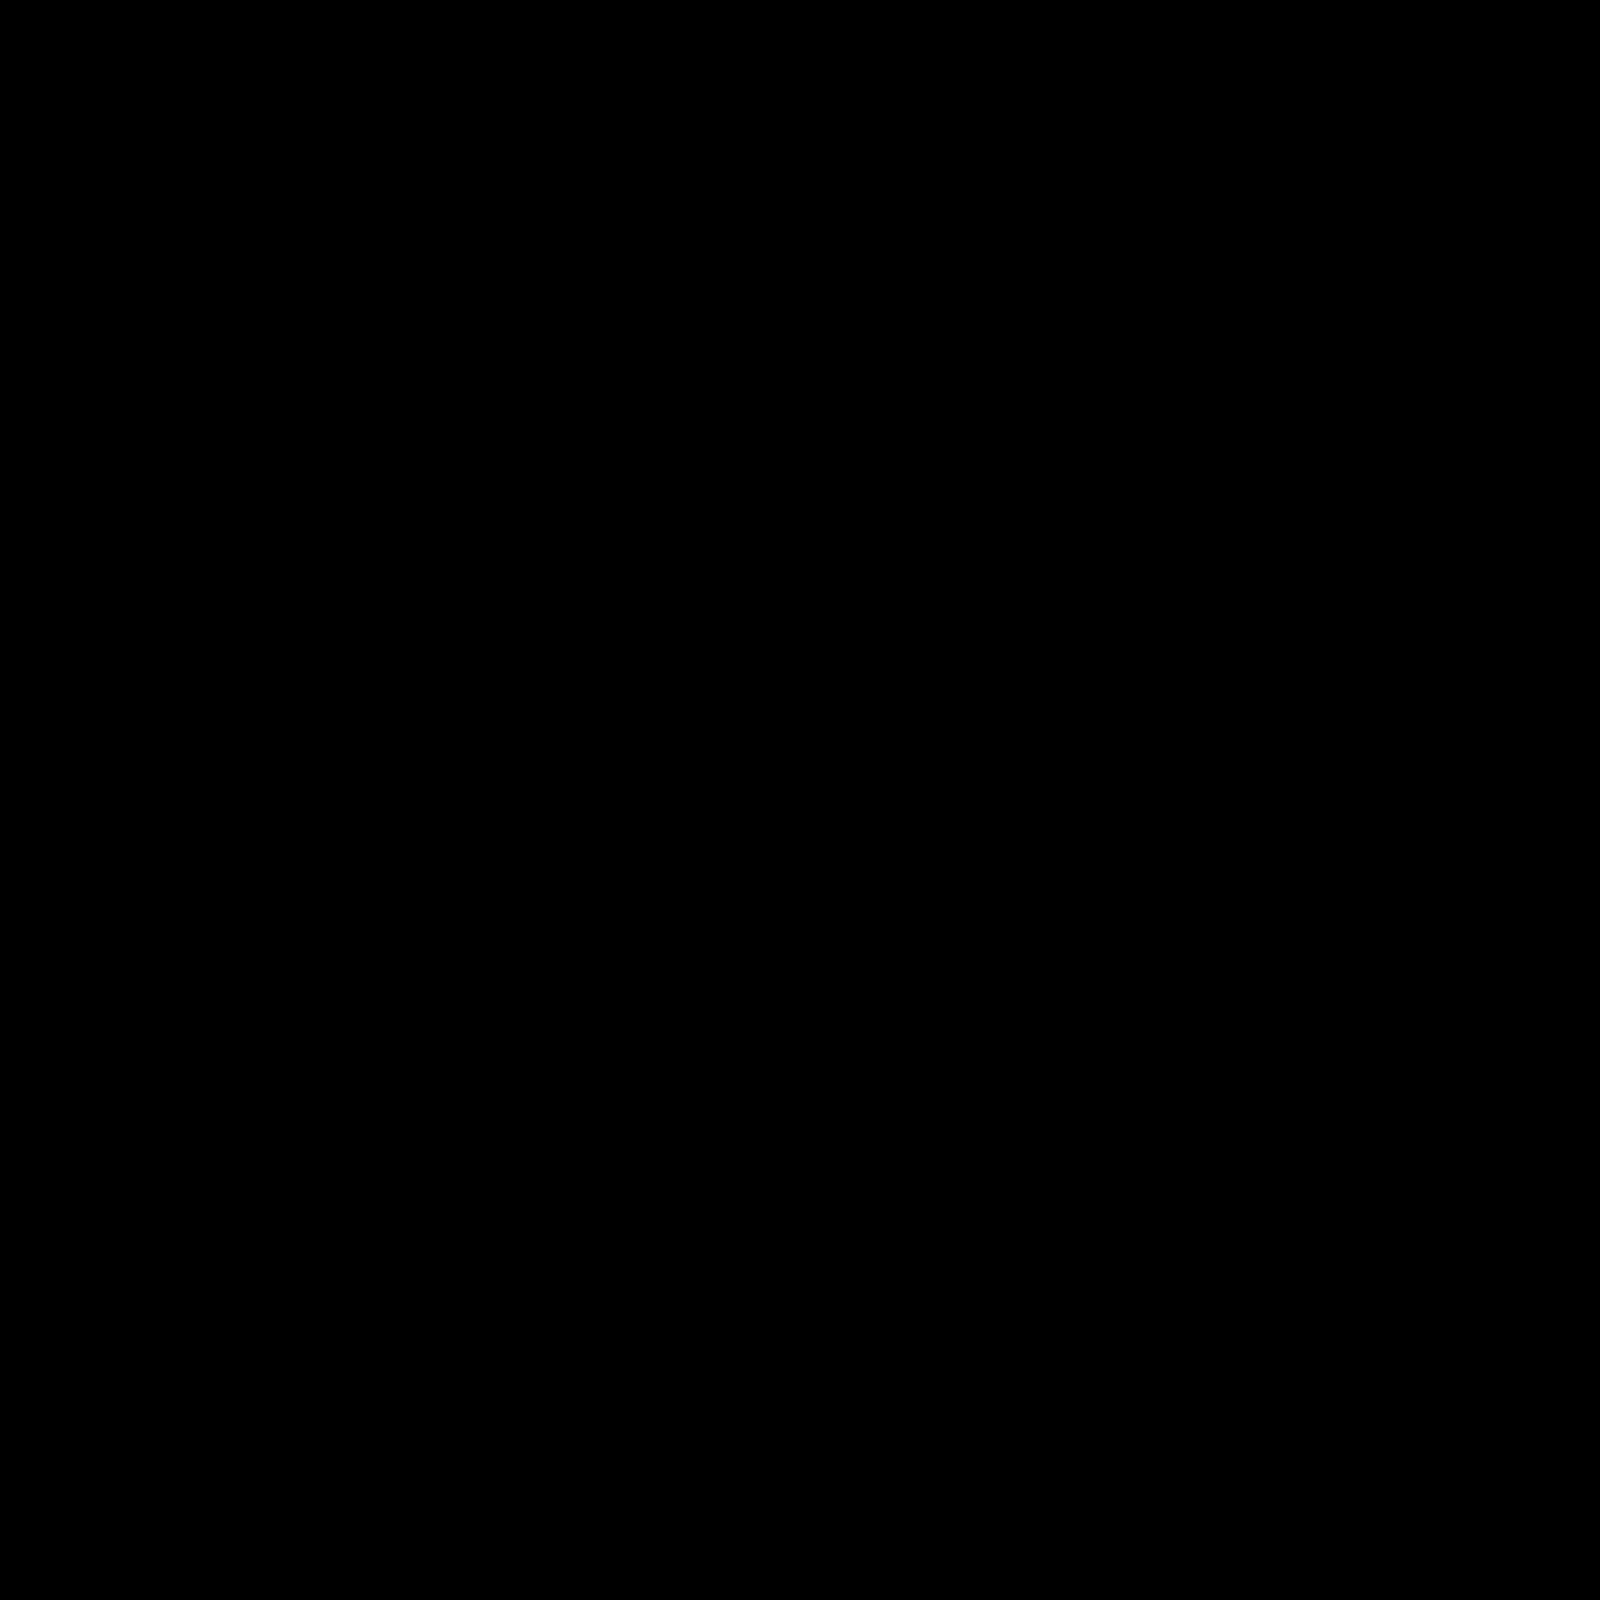 Luna crescente icon